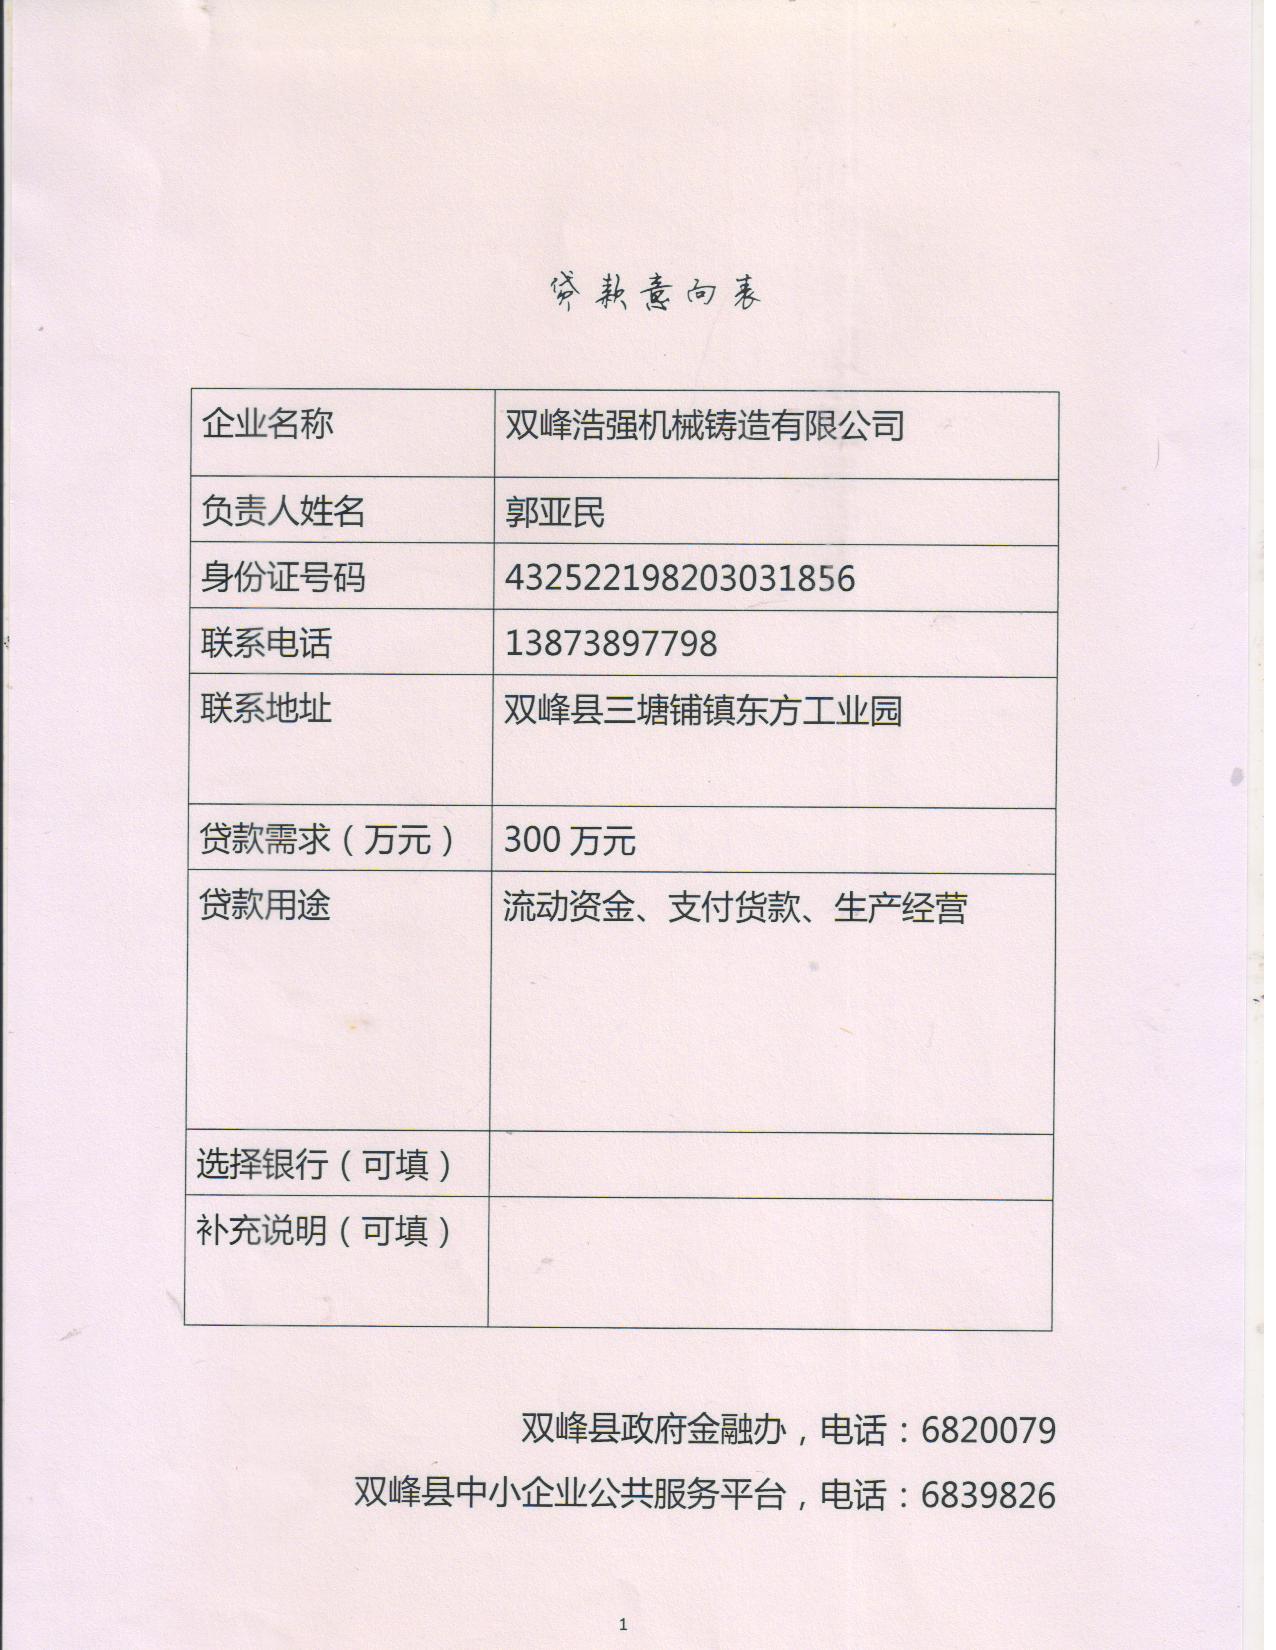 贷款意向表 015